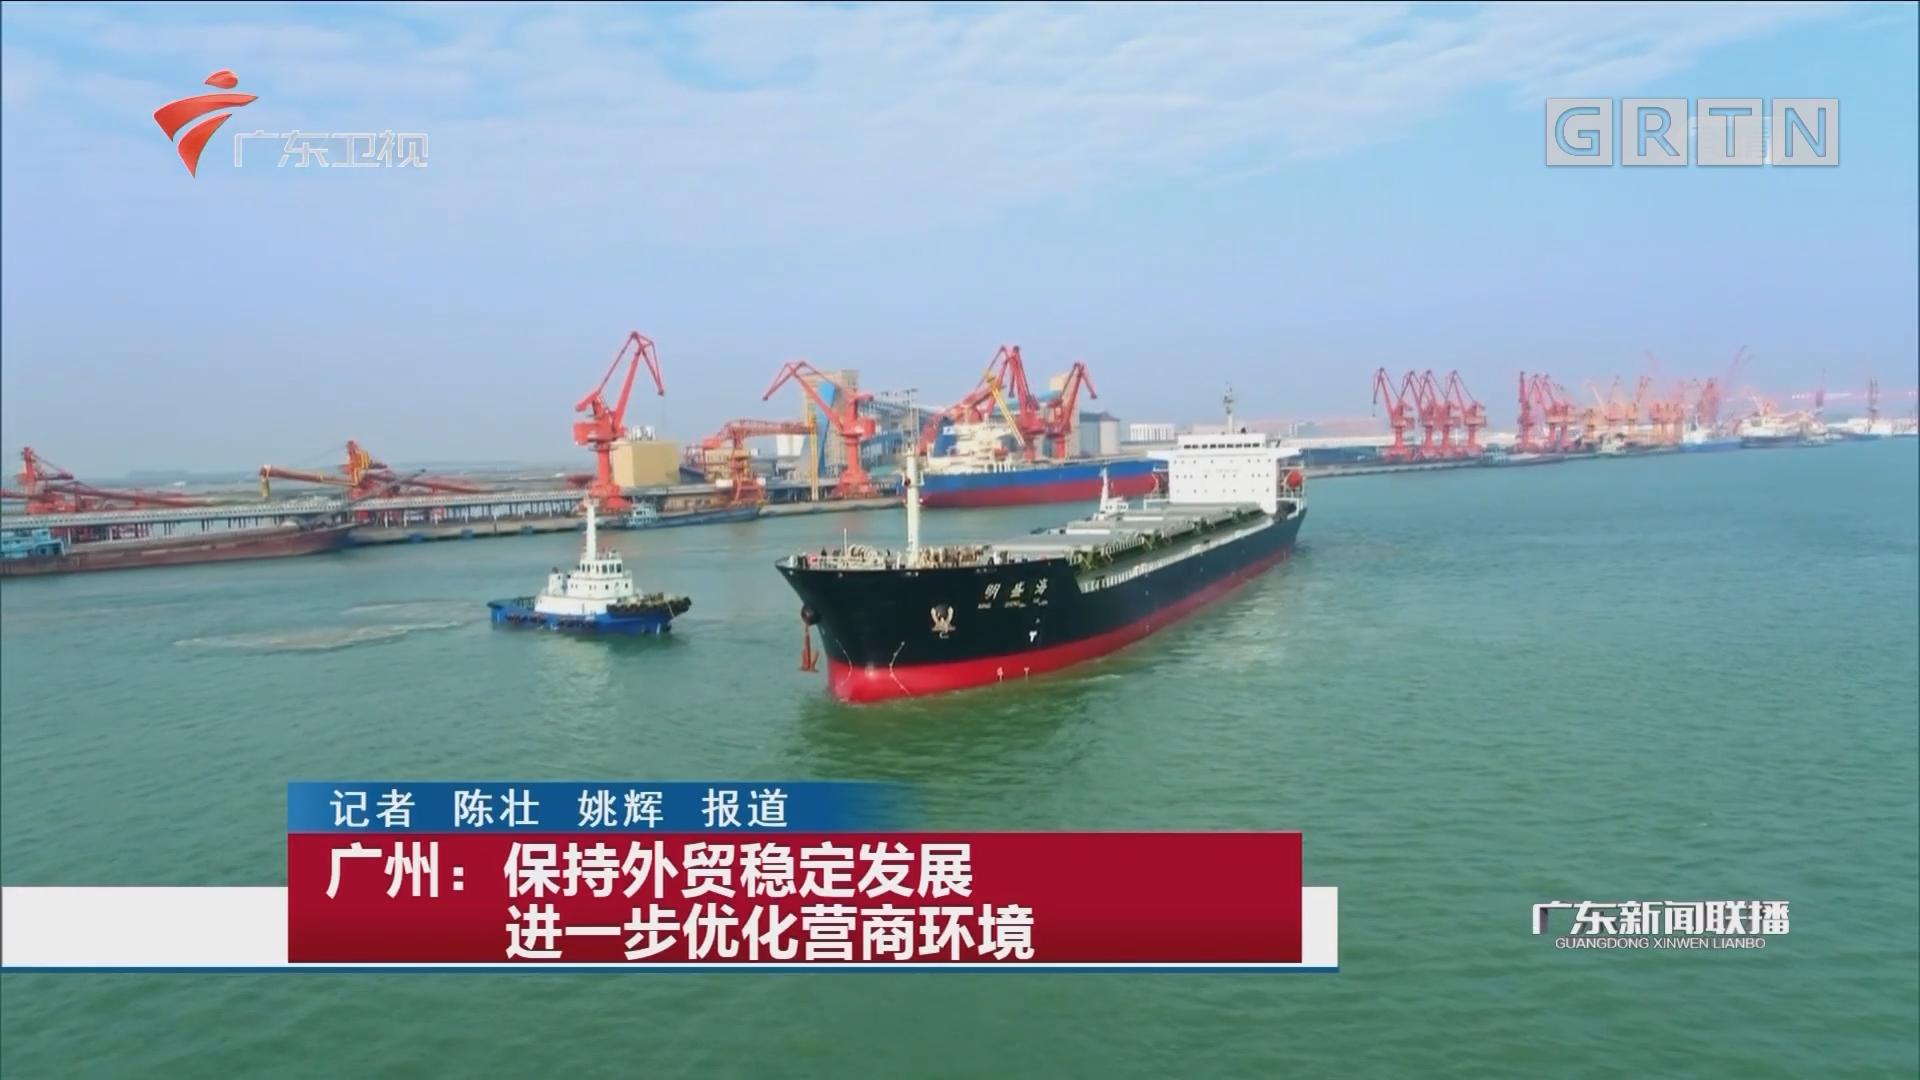 广州:保持外贸稳定发展 进一步优化营商环境